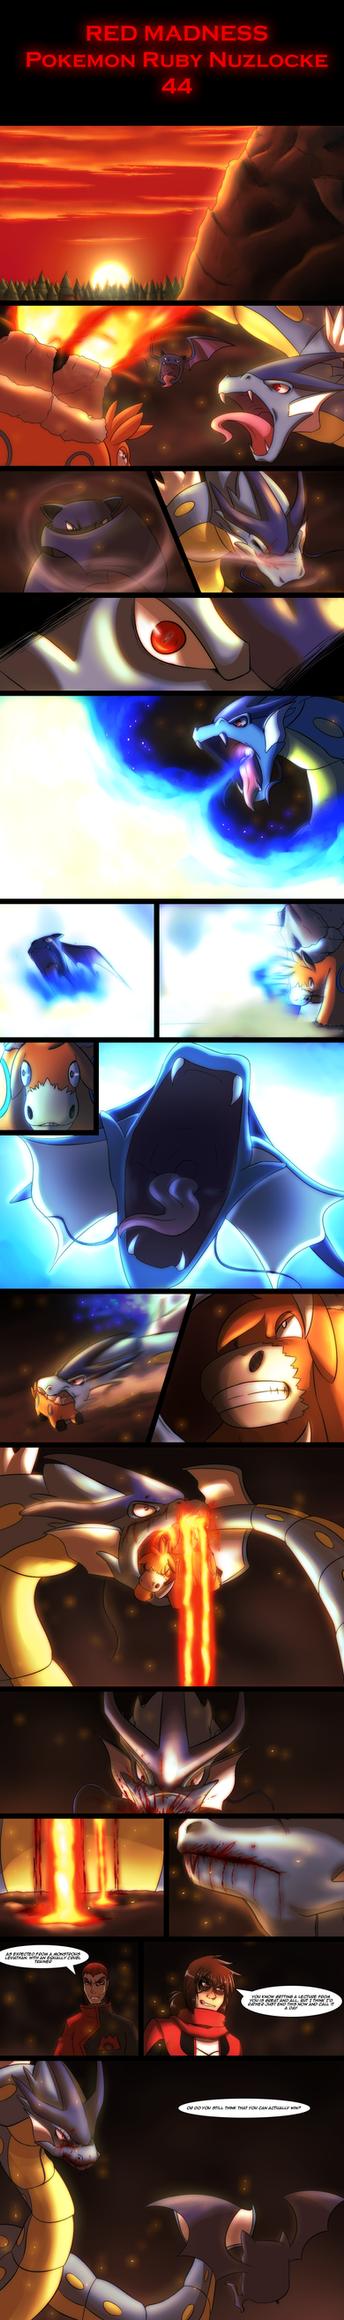 Pokemon Ruby Nuzlocke - 44 by Mad-Revolution